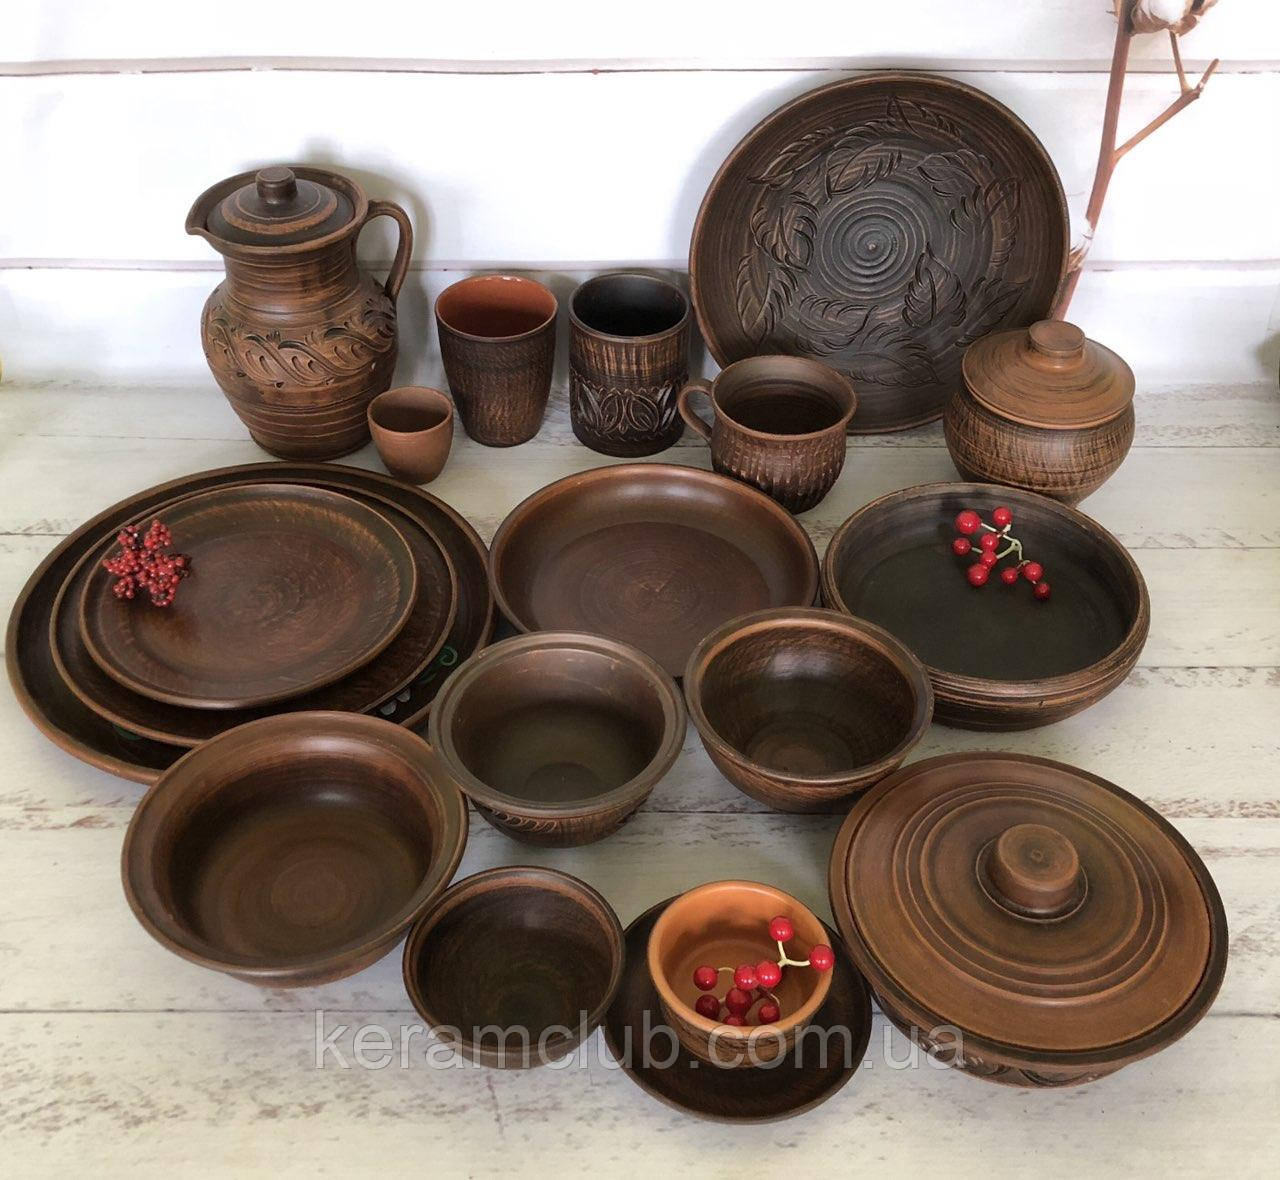 Пробный набор посуды из красной глины